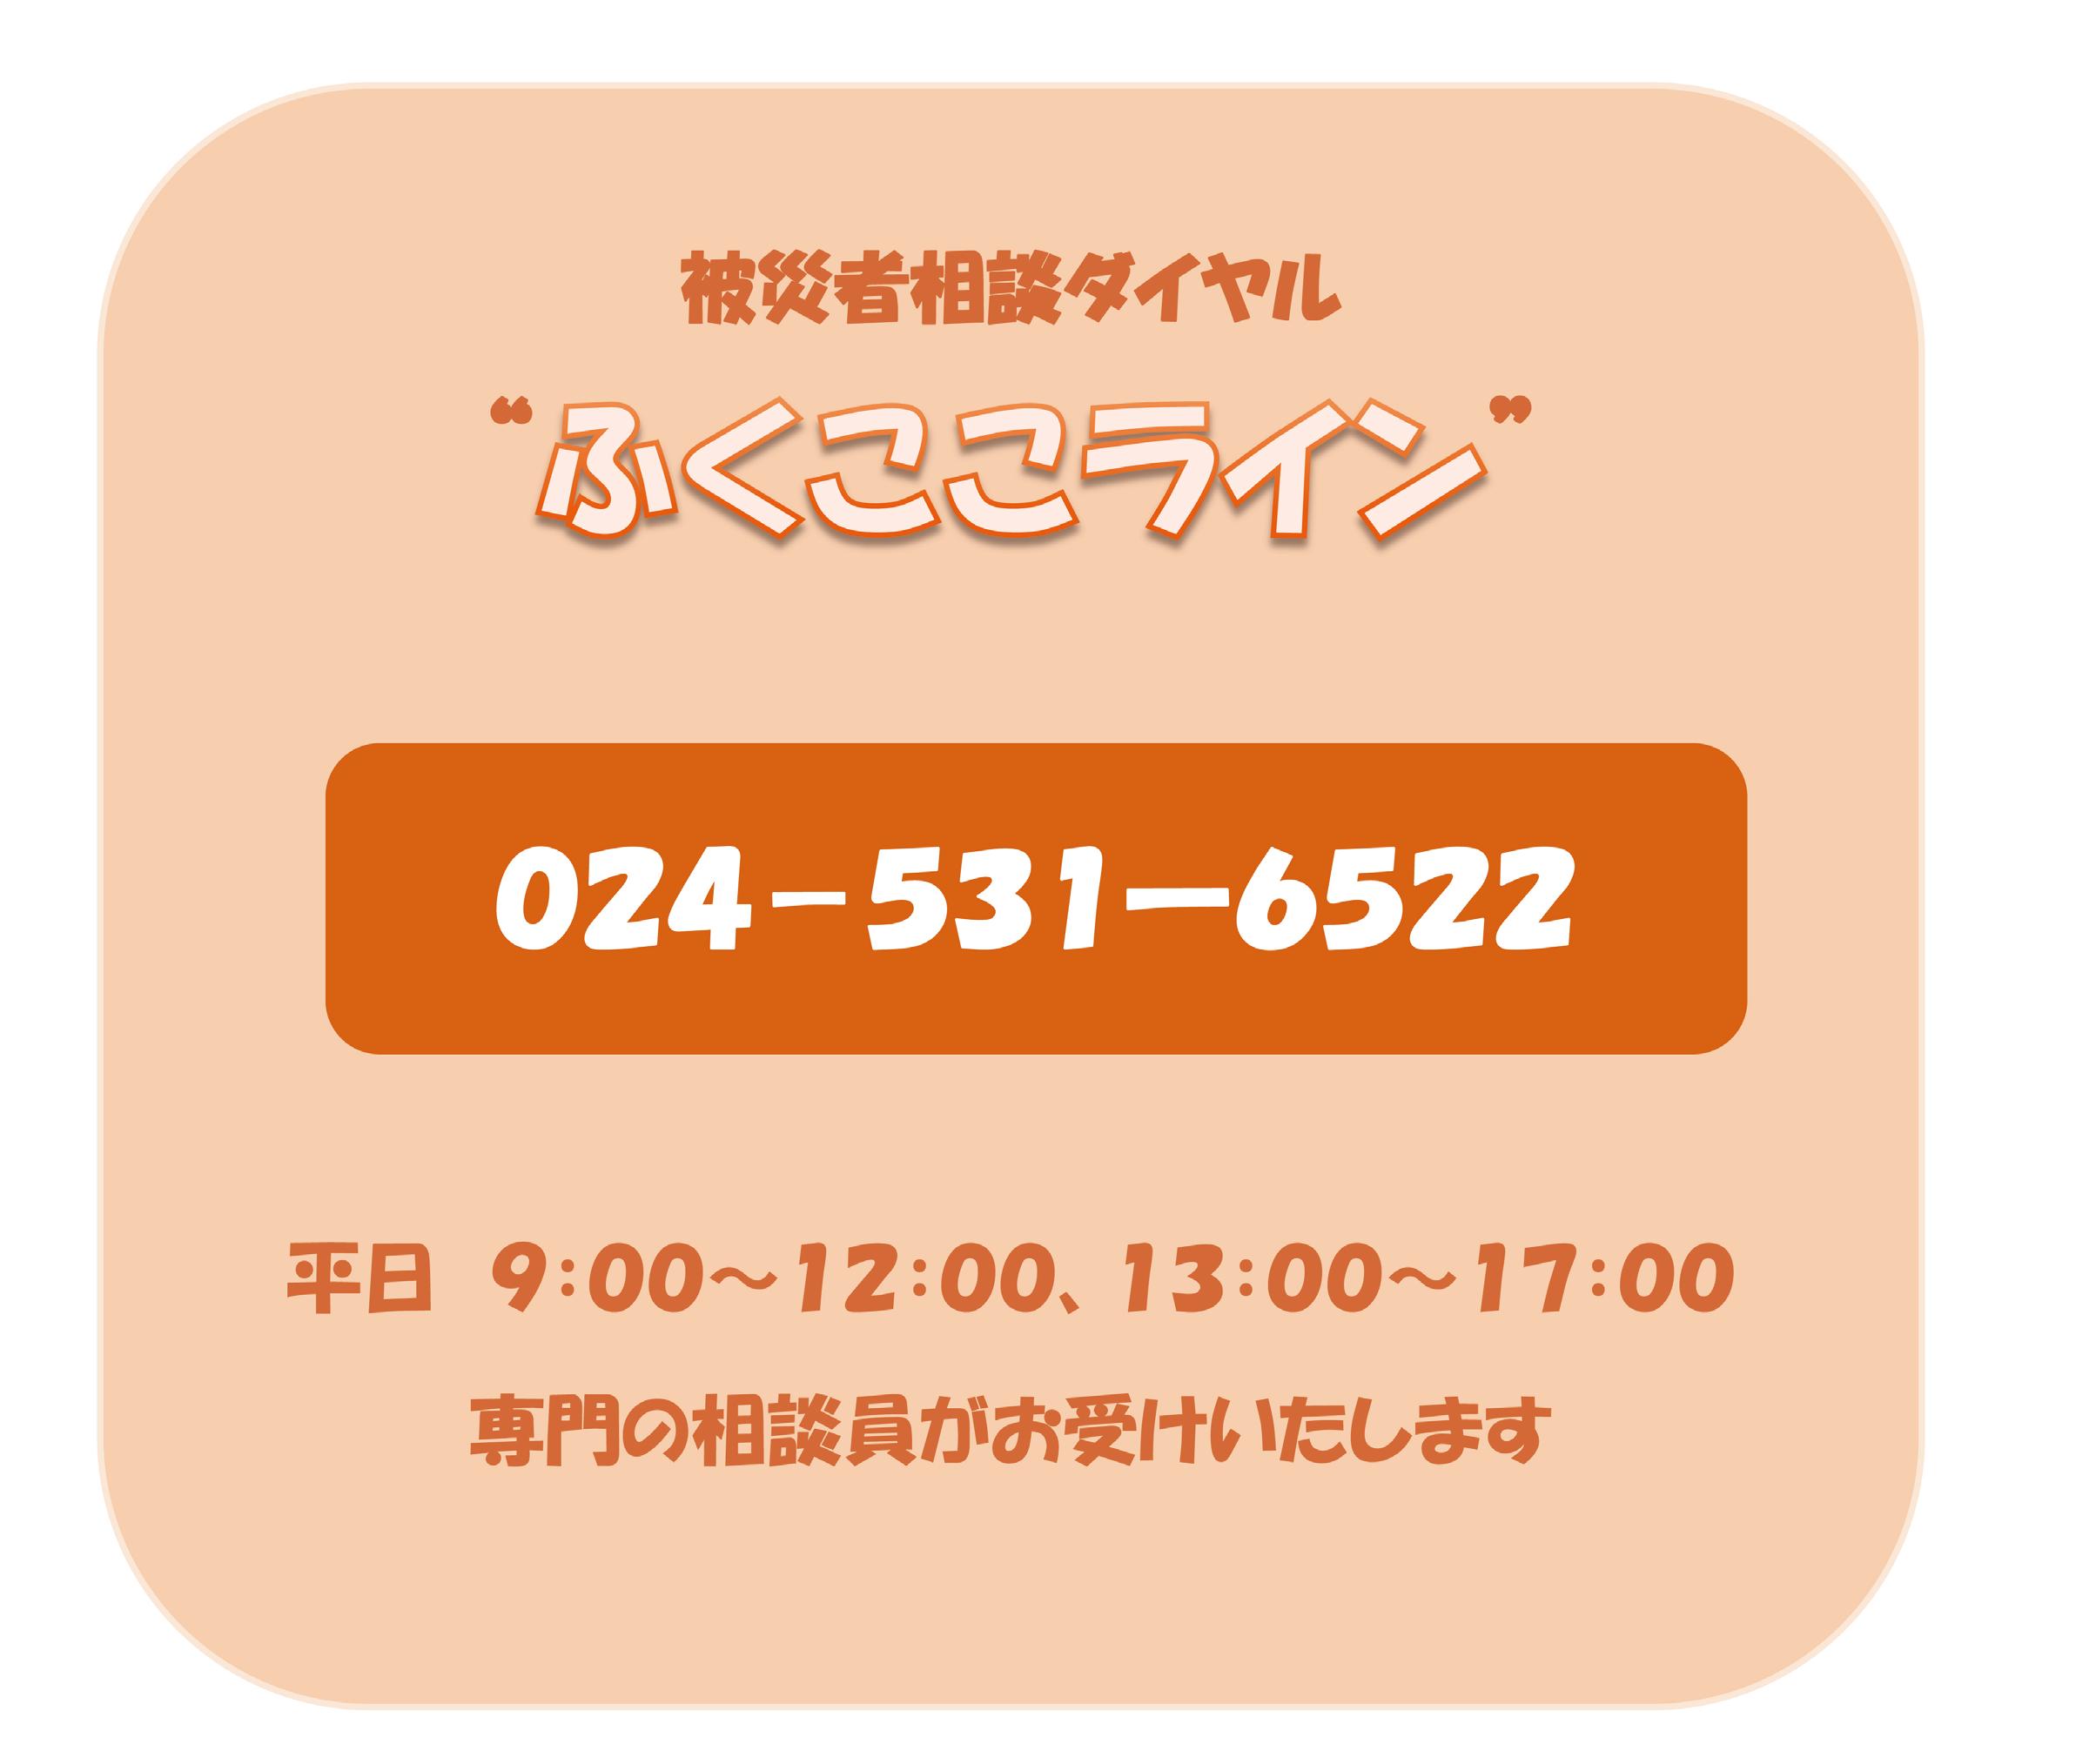 https://www.town.naraha.lg.jp/kurashi/files/%E3%81%B5%E3%81%8F%E3%81%93%E3%81%93.png